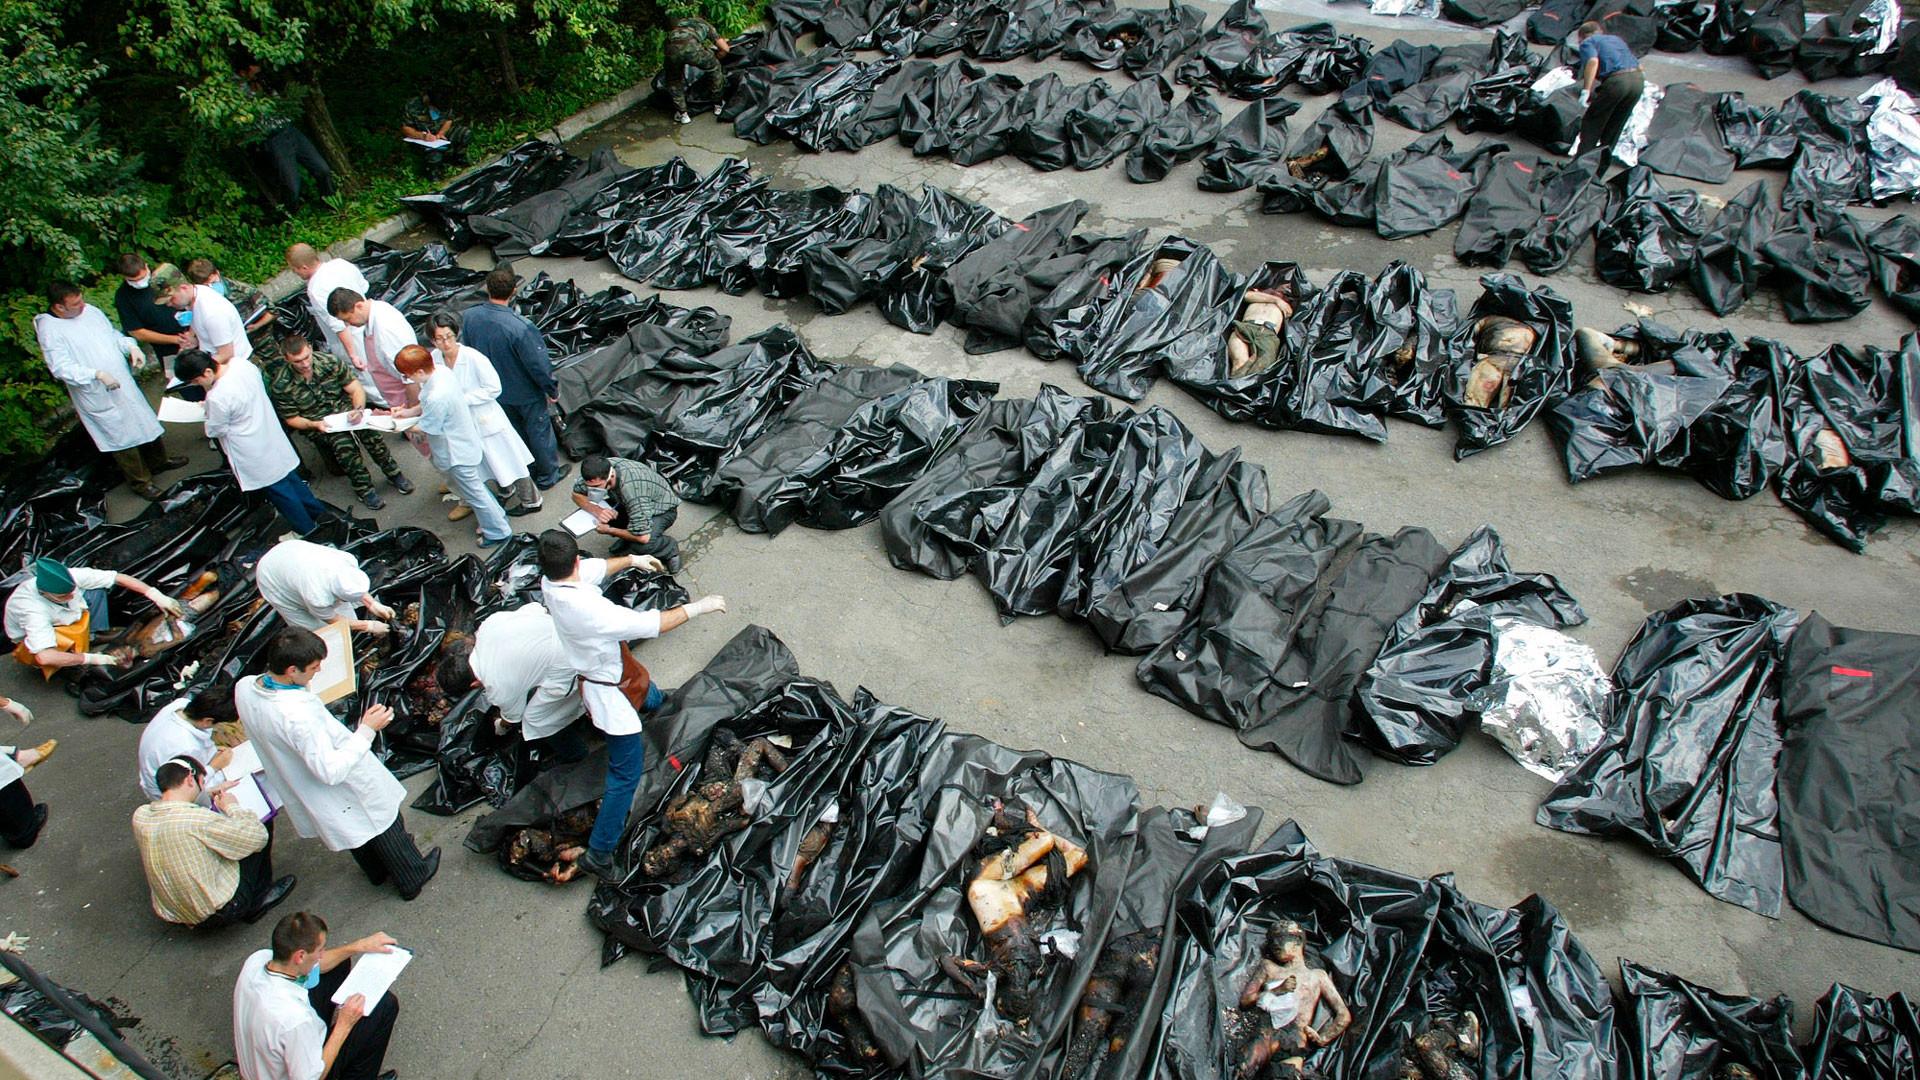 École russe : il y a 16 ans, les musulmans tuaient 330 otages, dont 186 enfants